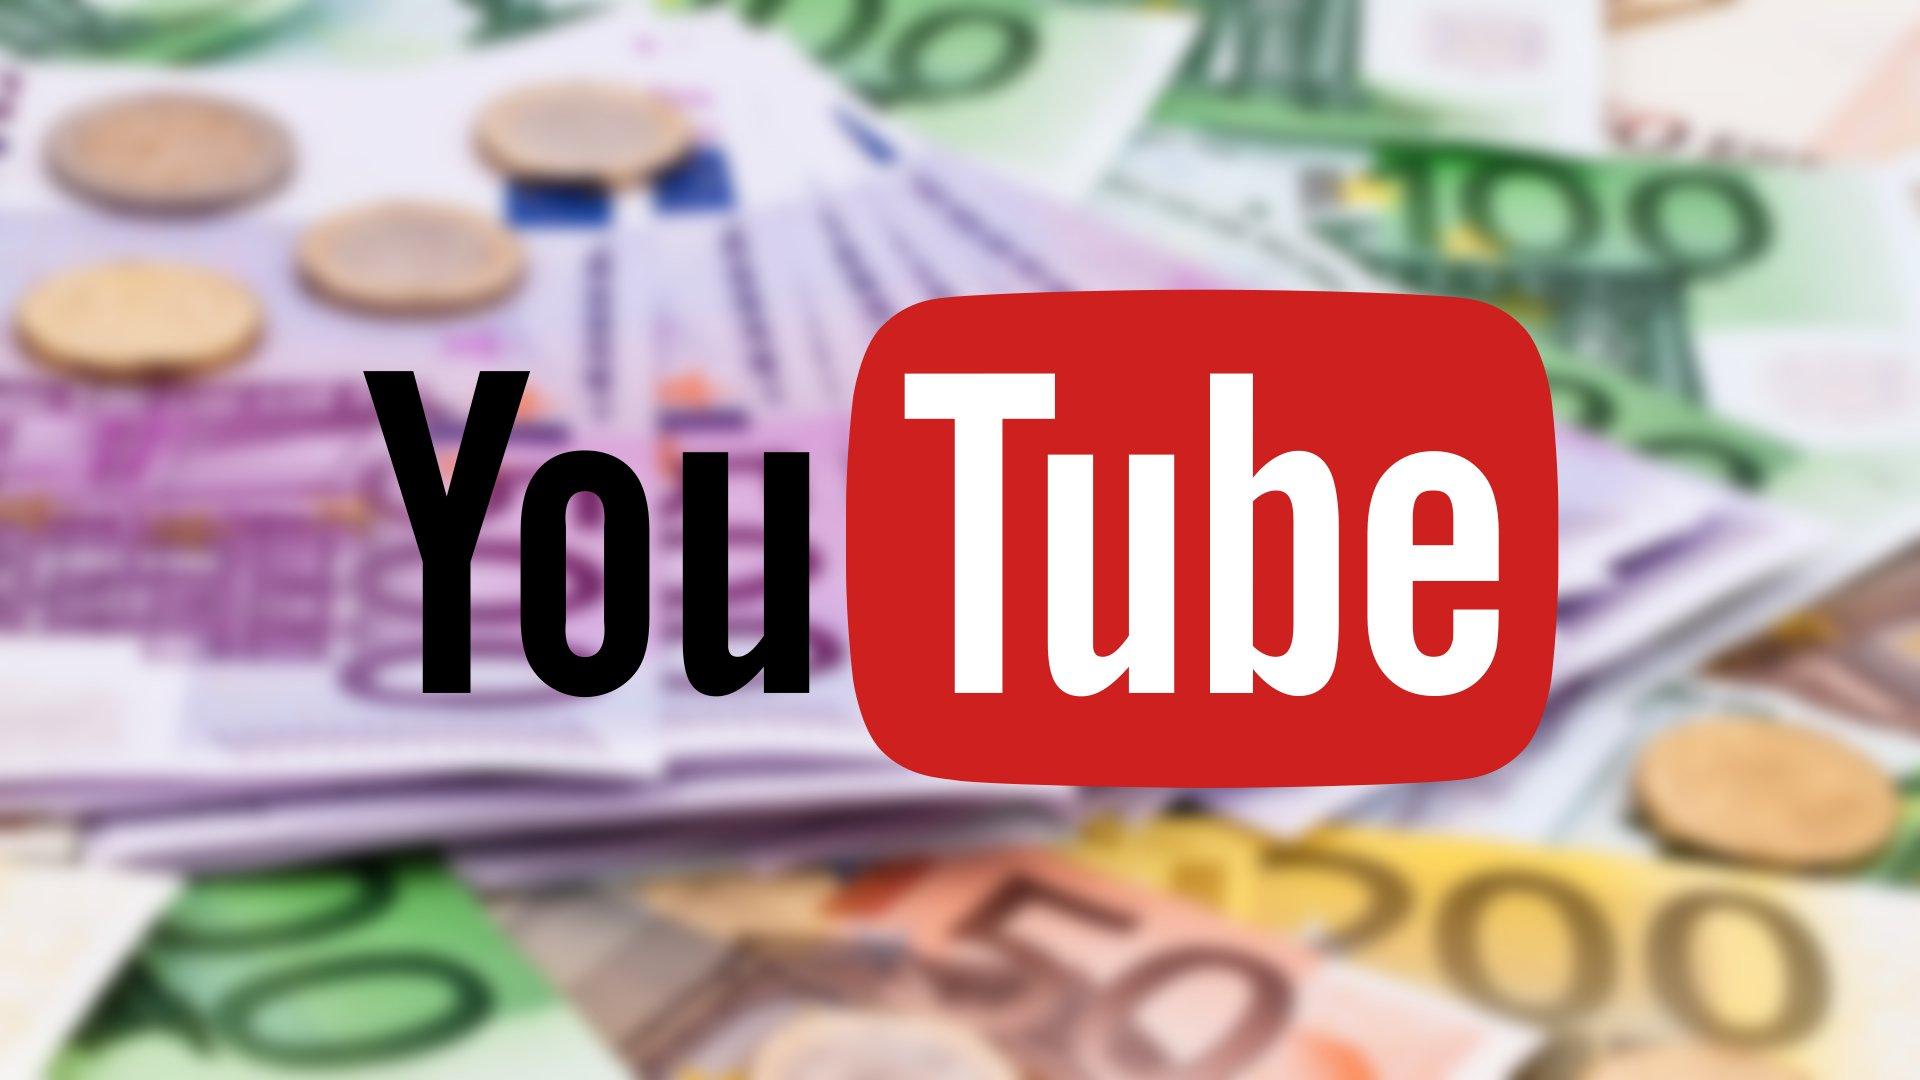 Guadagni Youtube: ovvero quanto guadagna uno youtuber